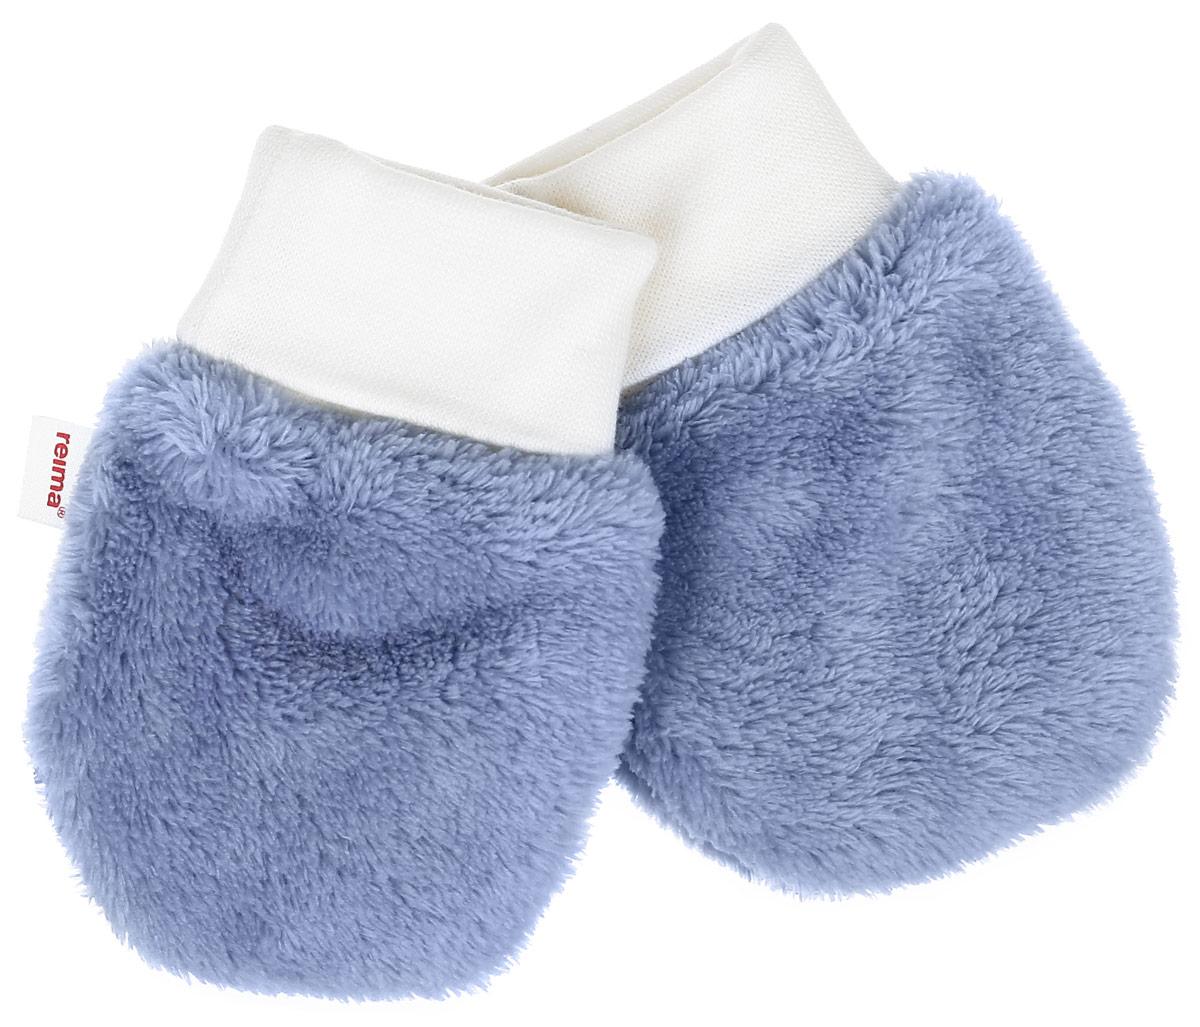 Варежки детские Reima Lepus, цвет: голубой. 517117-6770. Размер 0517117-6770Мягкие пушистые варежки Reima Lepus для самых маленьких на подкладке из мягкого флиса с длинными подворачивающимися манжетами на резинке, которые обеспечивают оптимальную посадку и облегчают процесс одевания. Для крошечных ручек выбираем только самое мягкое и самое удобное! Оригинальный дизайн и модная расцветка делают эти варежки модным и стильным предметом детского гардероба. В них ваш малыш будет чувствовать себя уютно и комфортно и всегда будет в центре внимания!